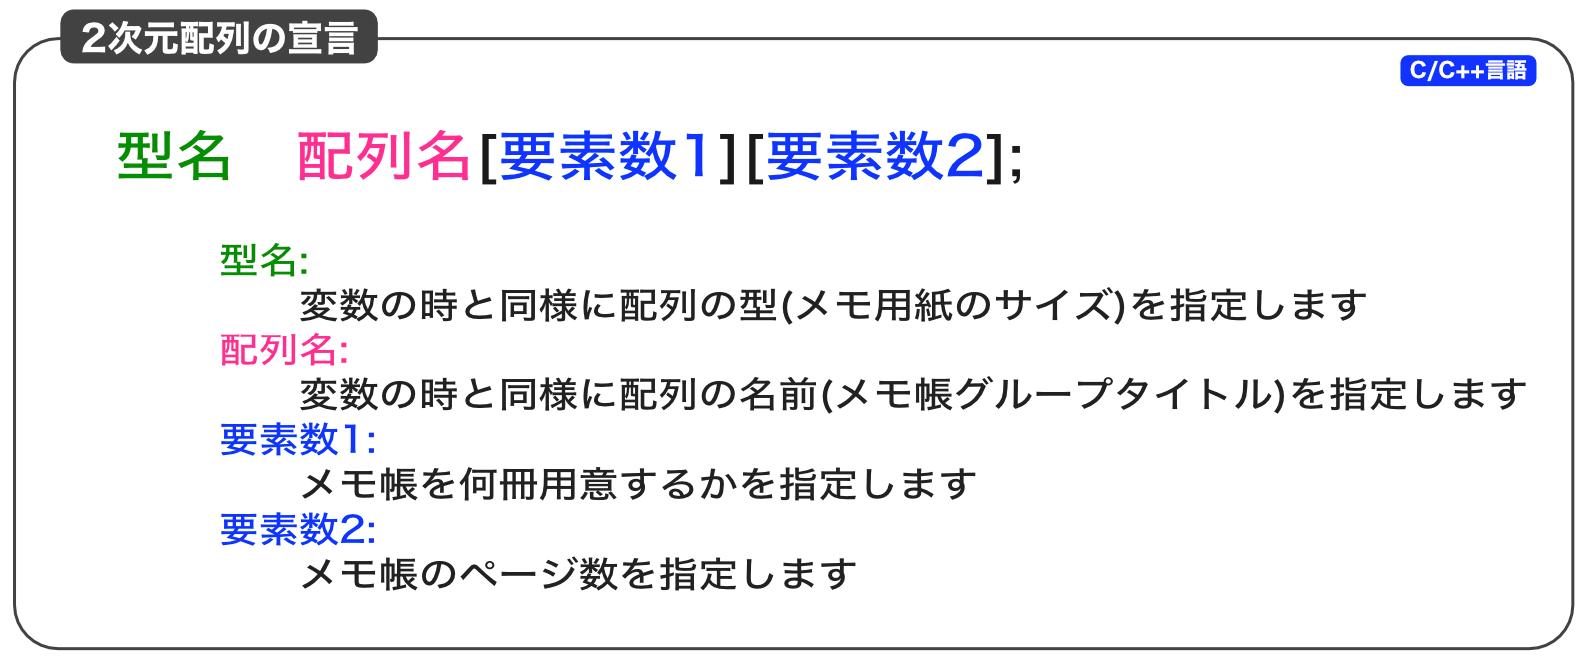 2次元配列宣言